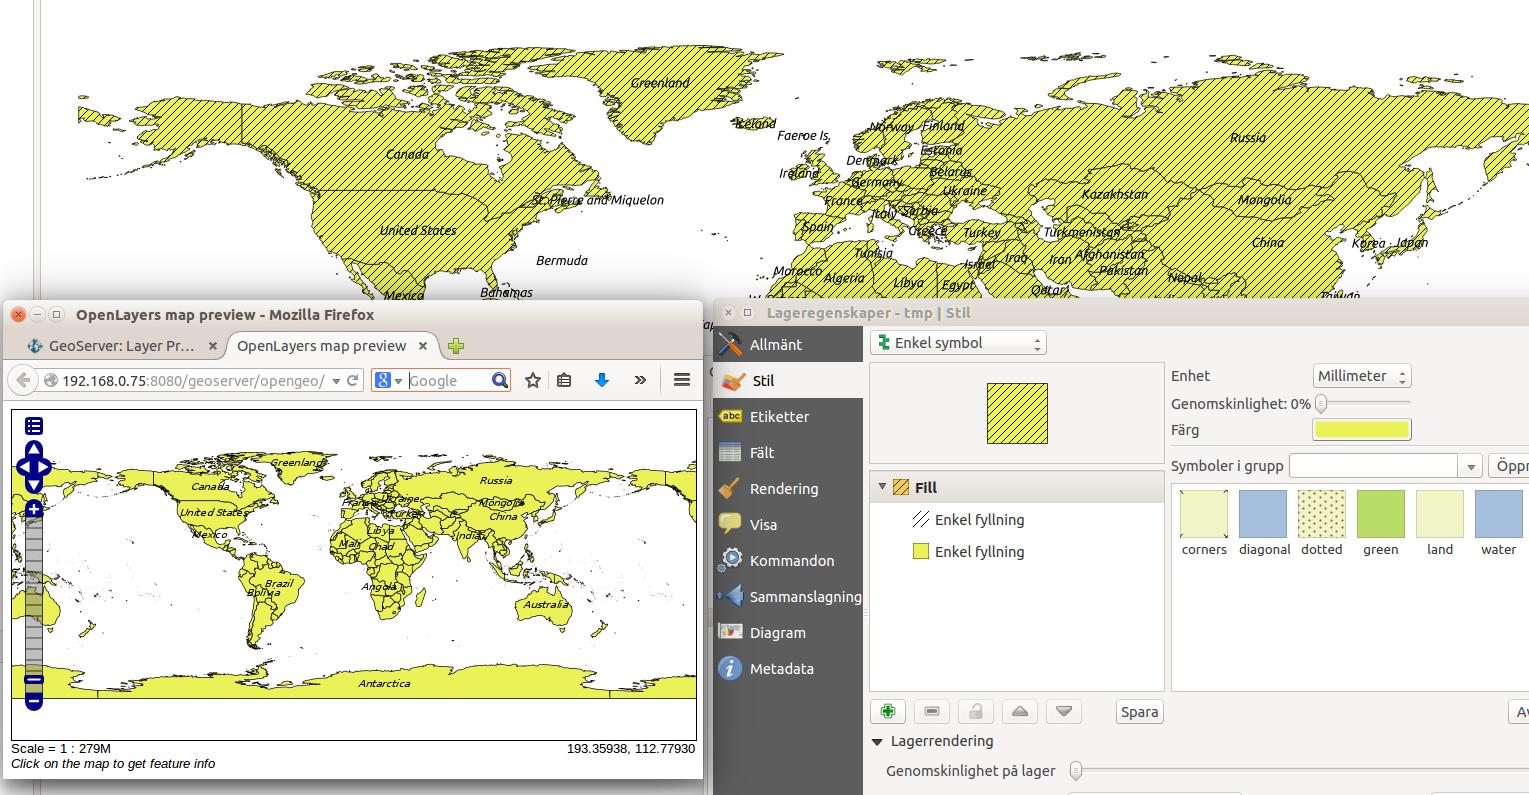 Screenshot from 2014-09-06 12:53:32